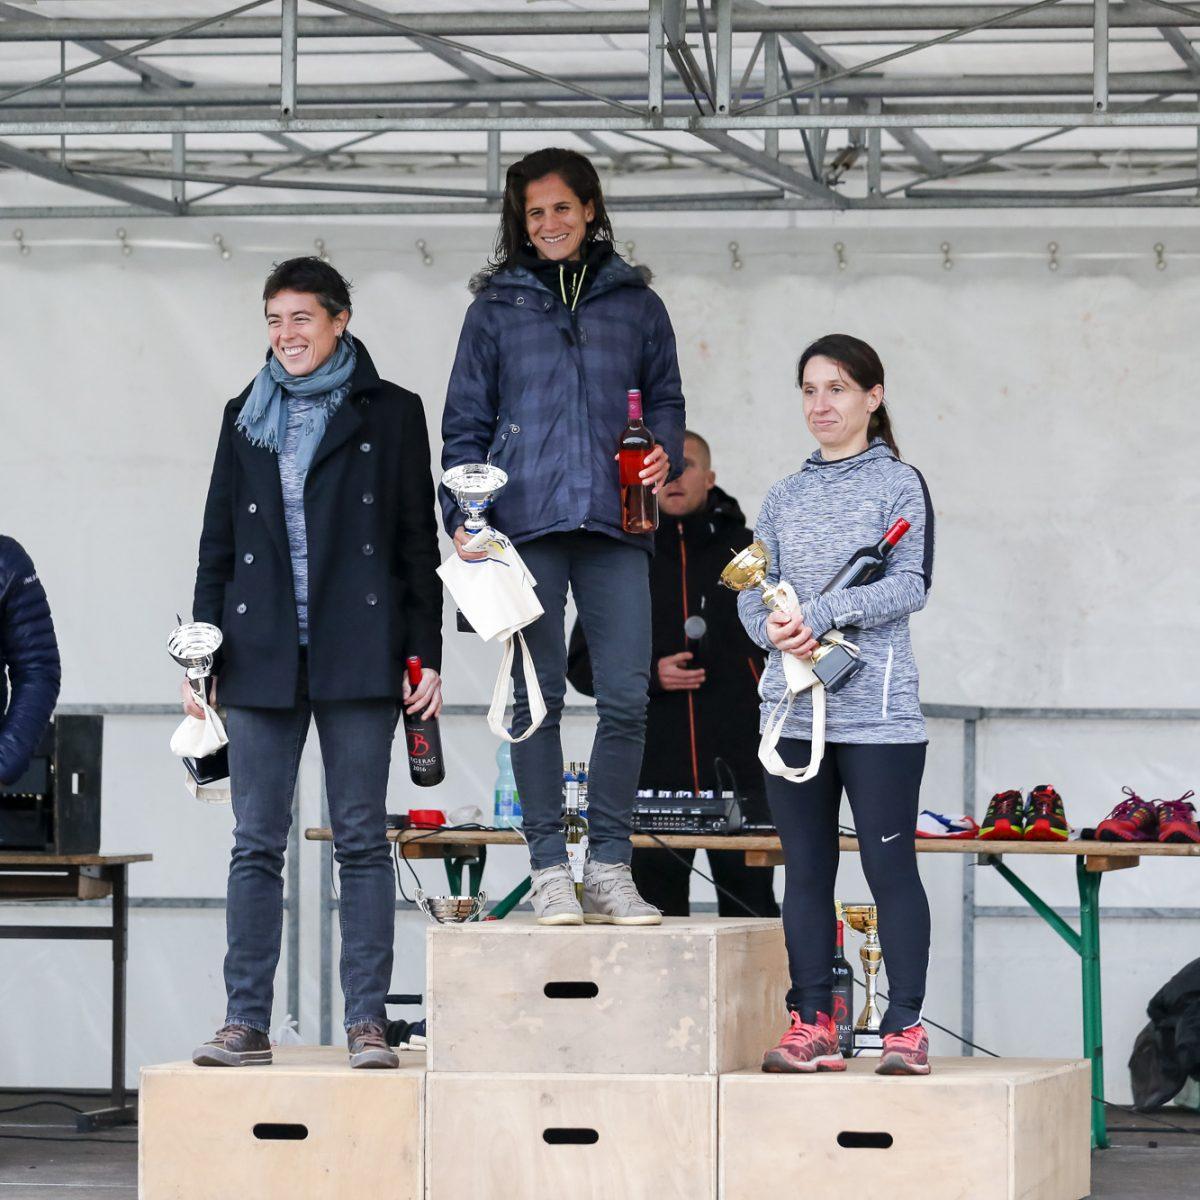 podium-trail-en-jalle-17km-telethon-2017-saint-jean-d-illac-course-a-pieds-gironde-hommes